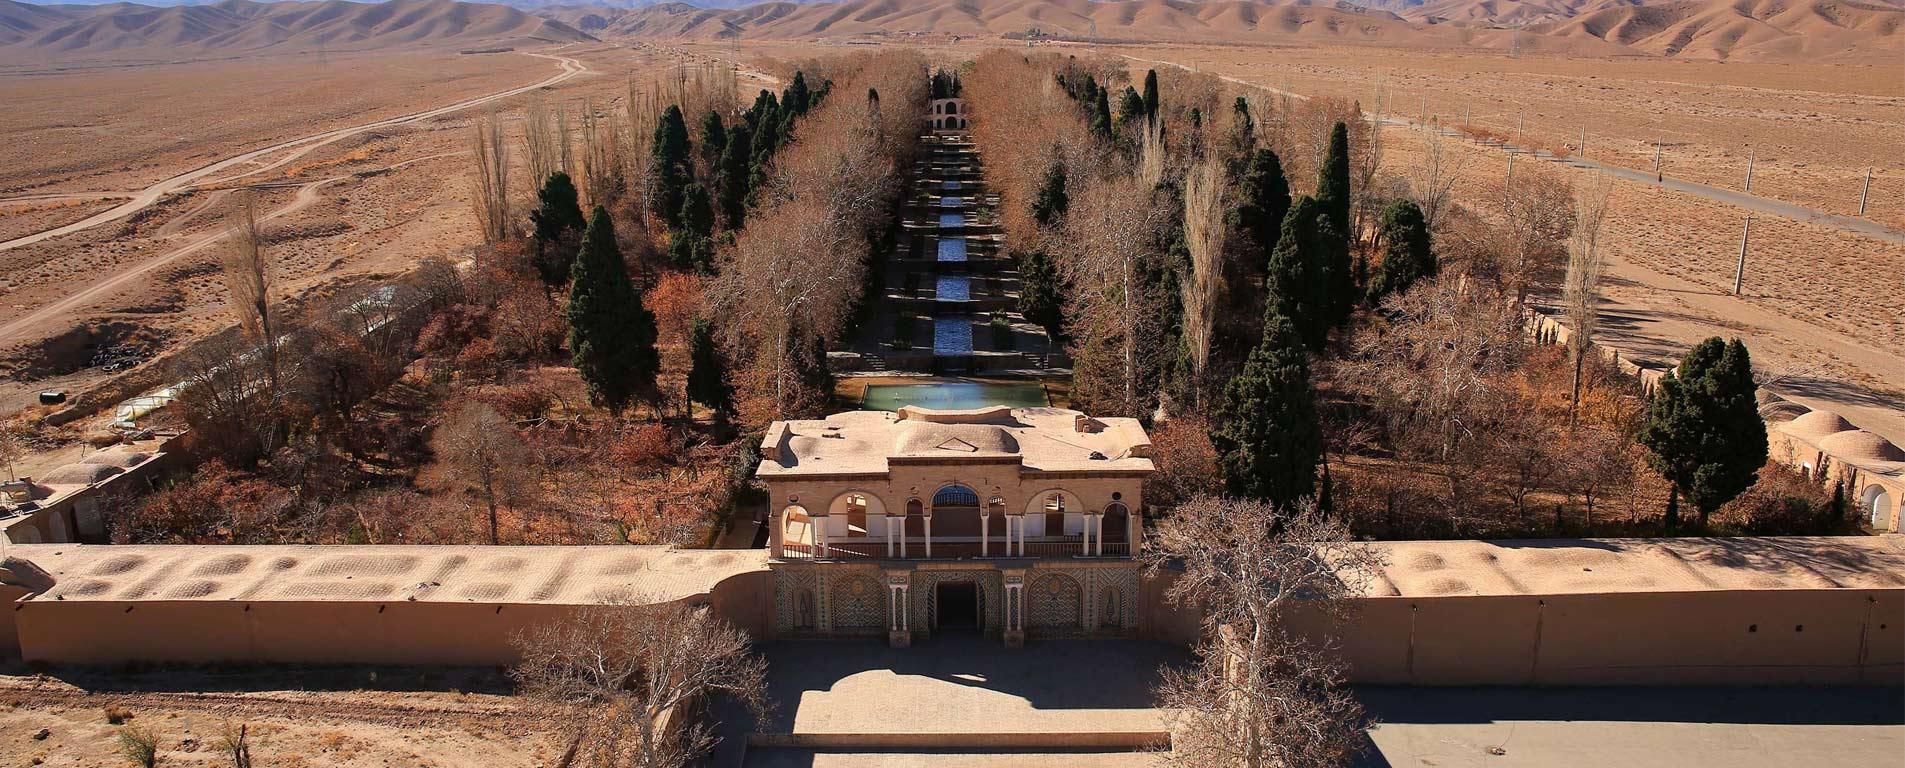 باغ شاهزاده ماهان ، روح سبز زندگی در رگهای کویر کرمان